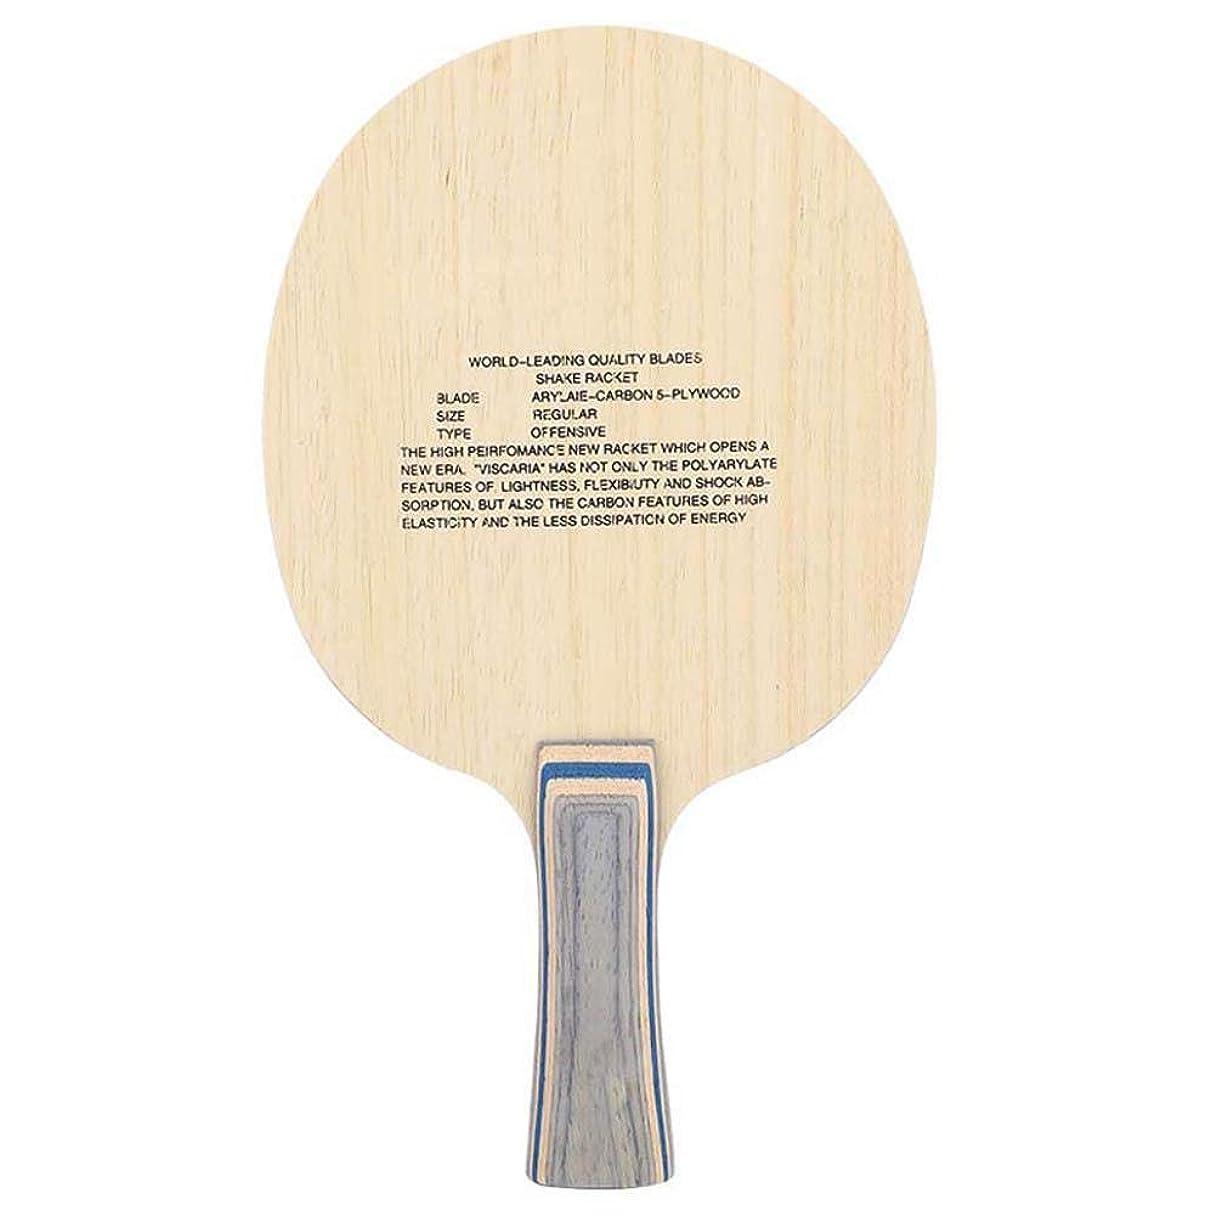 オープナー固める好ましい卓球ラケット カーボン シェークハンド 競技専用 卓球バットペンホルダーラケット/シェークハンドラケット プロ 学生/運動者/素人/適用